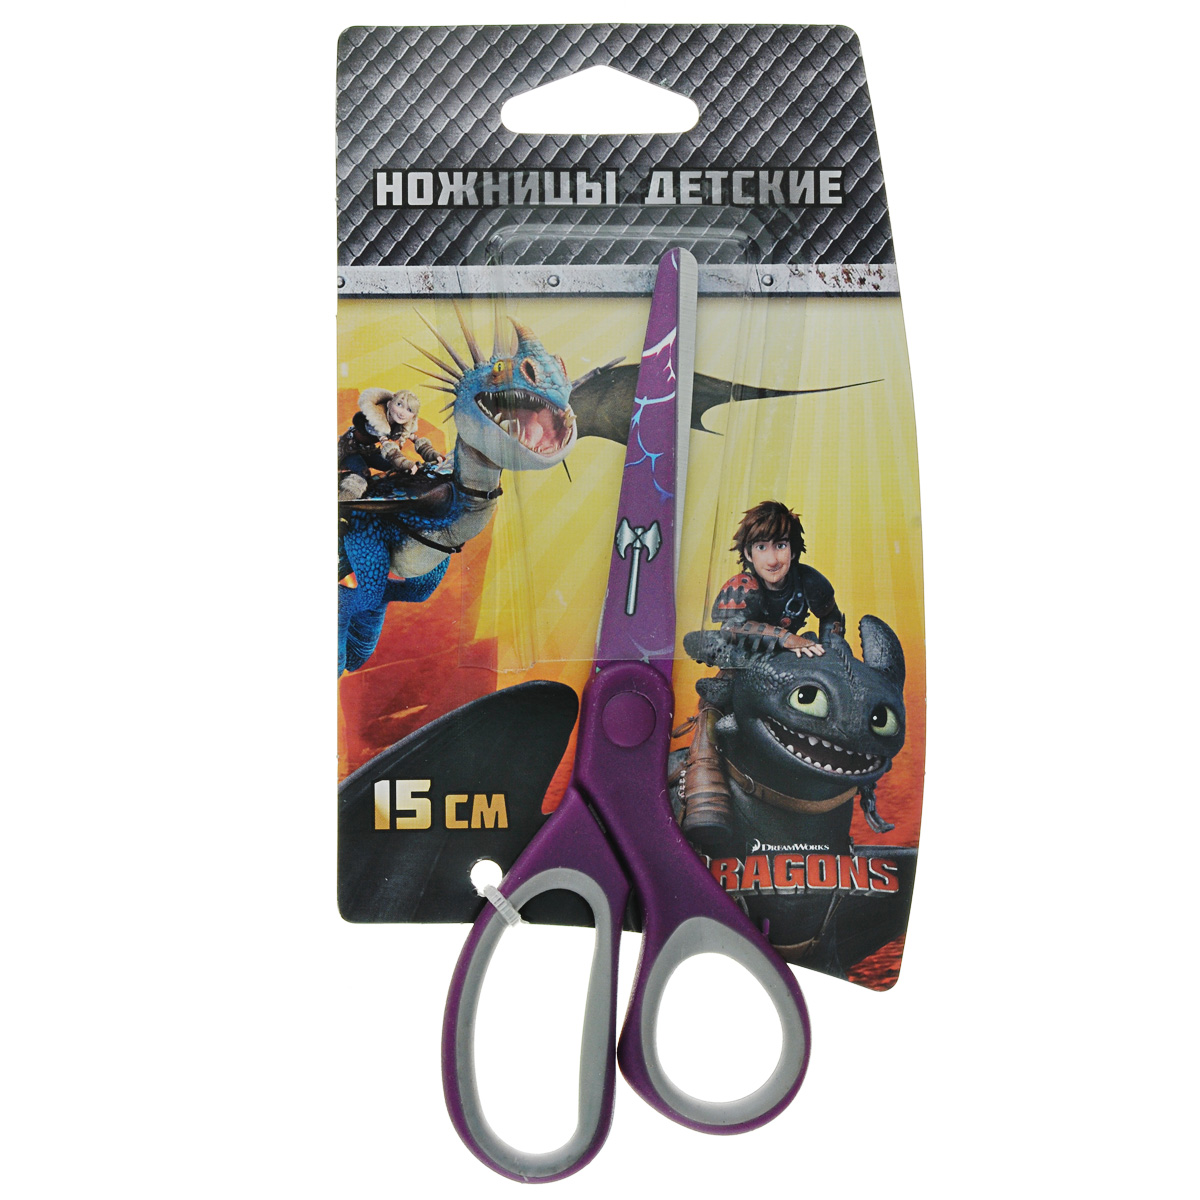 Ножницы детские Action Dragons, цвет: фиолетовый, 15 смC13S041944Детские ножницы Action Dragons с безопасными закругленными лезвиями изготовлены из высококачественной нержавеющей стали. Лезвия с наружной стороны оформлены декоративным рисунком. Облегченные ручки ножниц адаптированы для детской руки.Вашему ребенку будет настоящим удовольствием делать с ножницами Action Dragons различные аппликации из бумаги или других материалов.